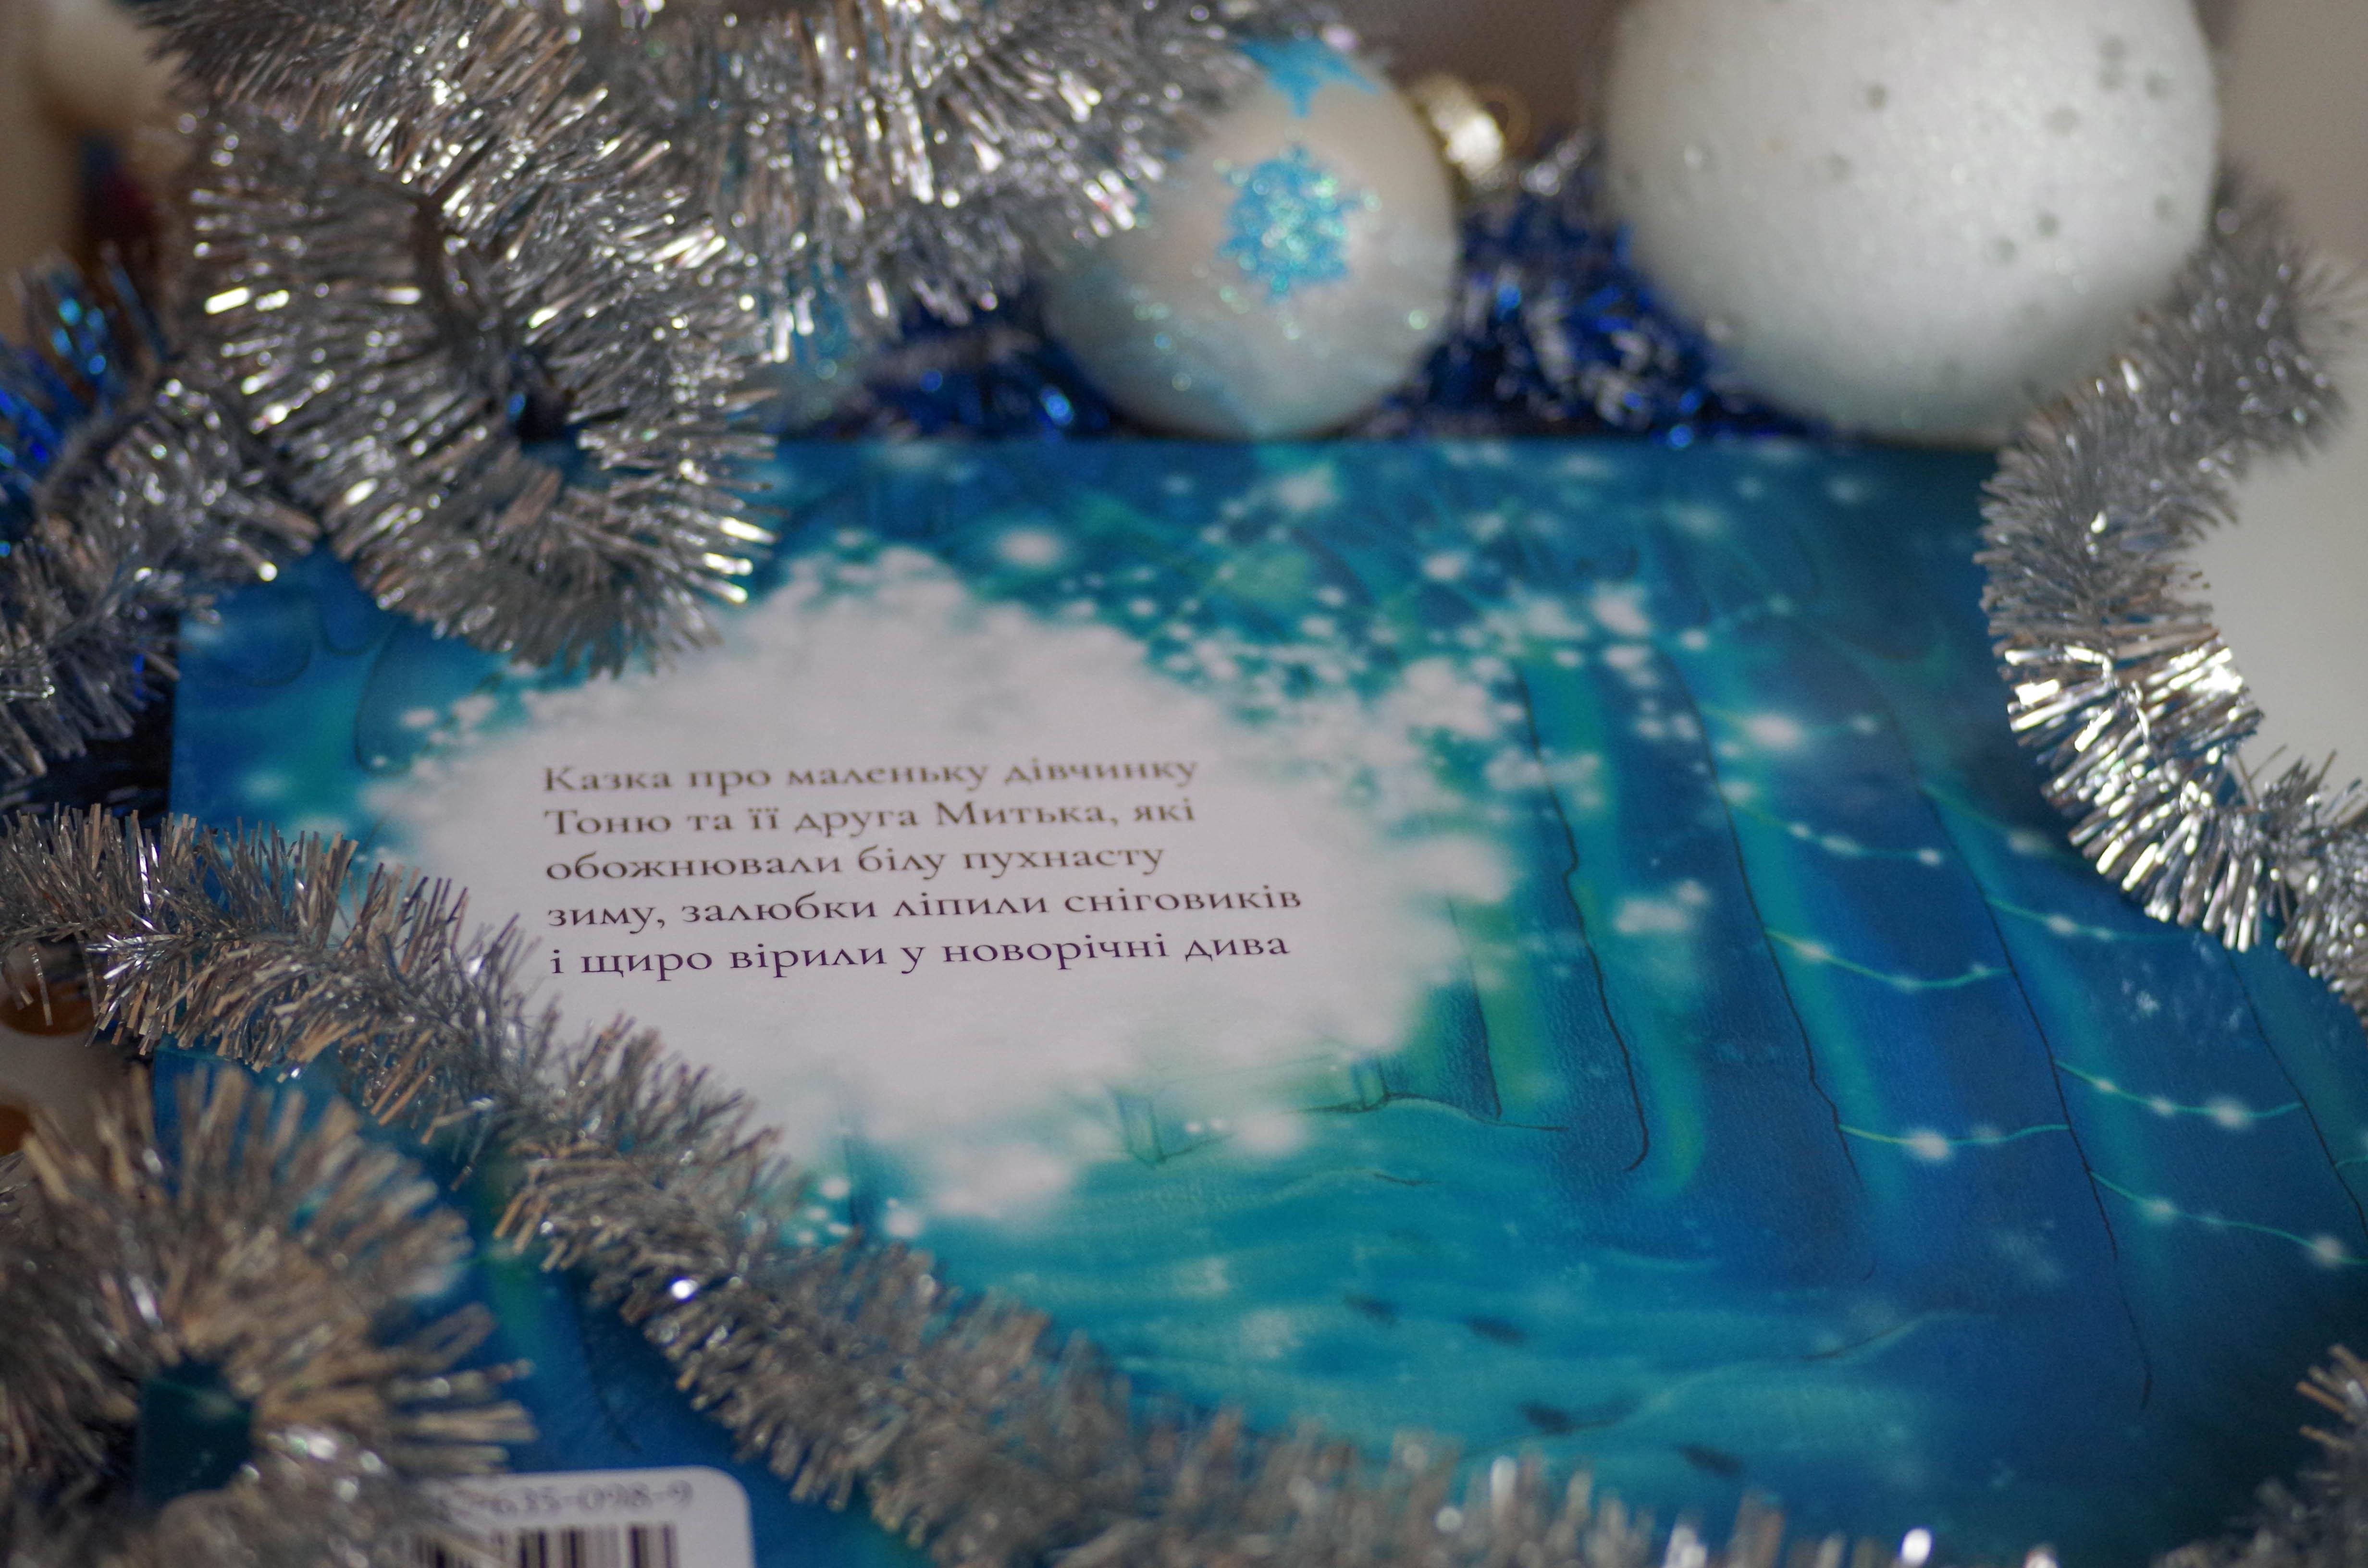 Дитяча книга король сніговик 4